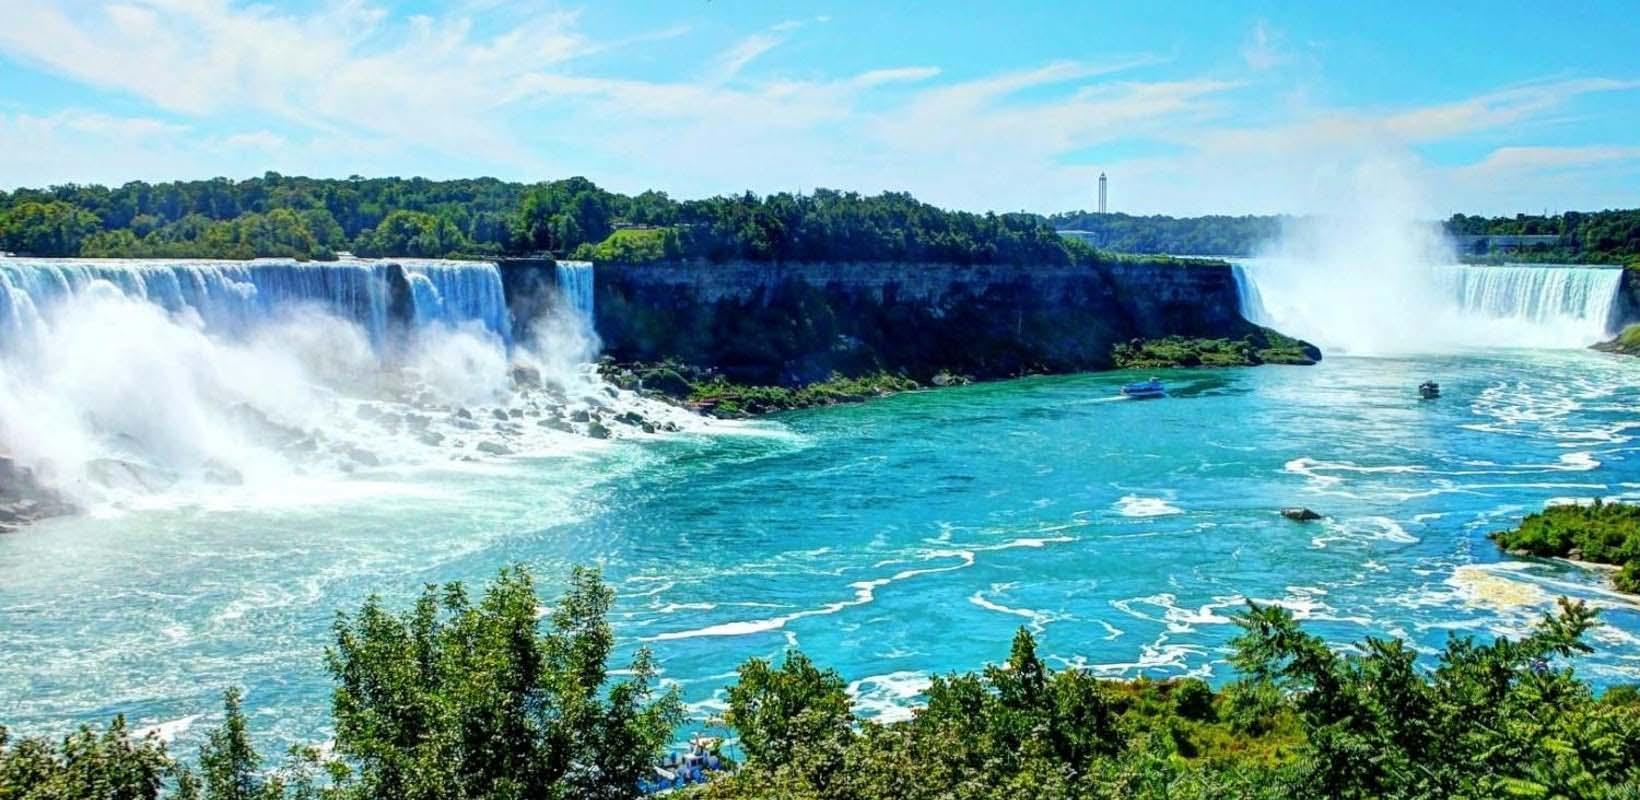 Niagara Falls sightseeing tour with wine sampling